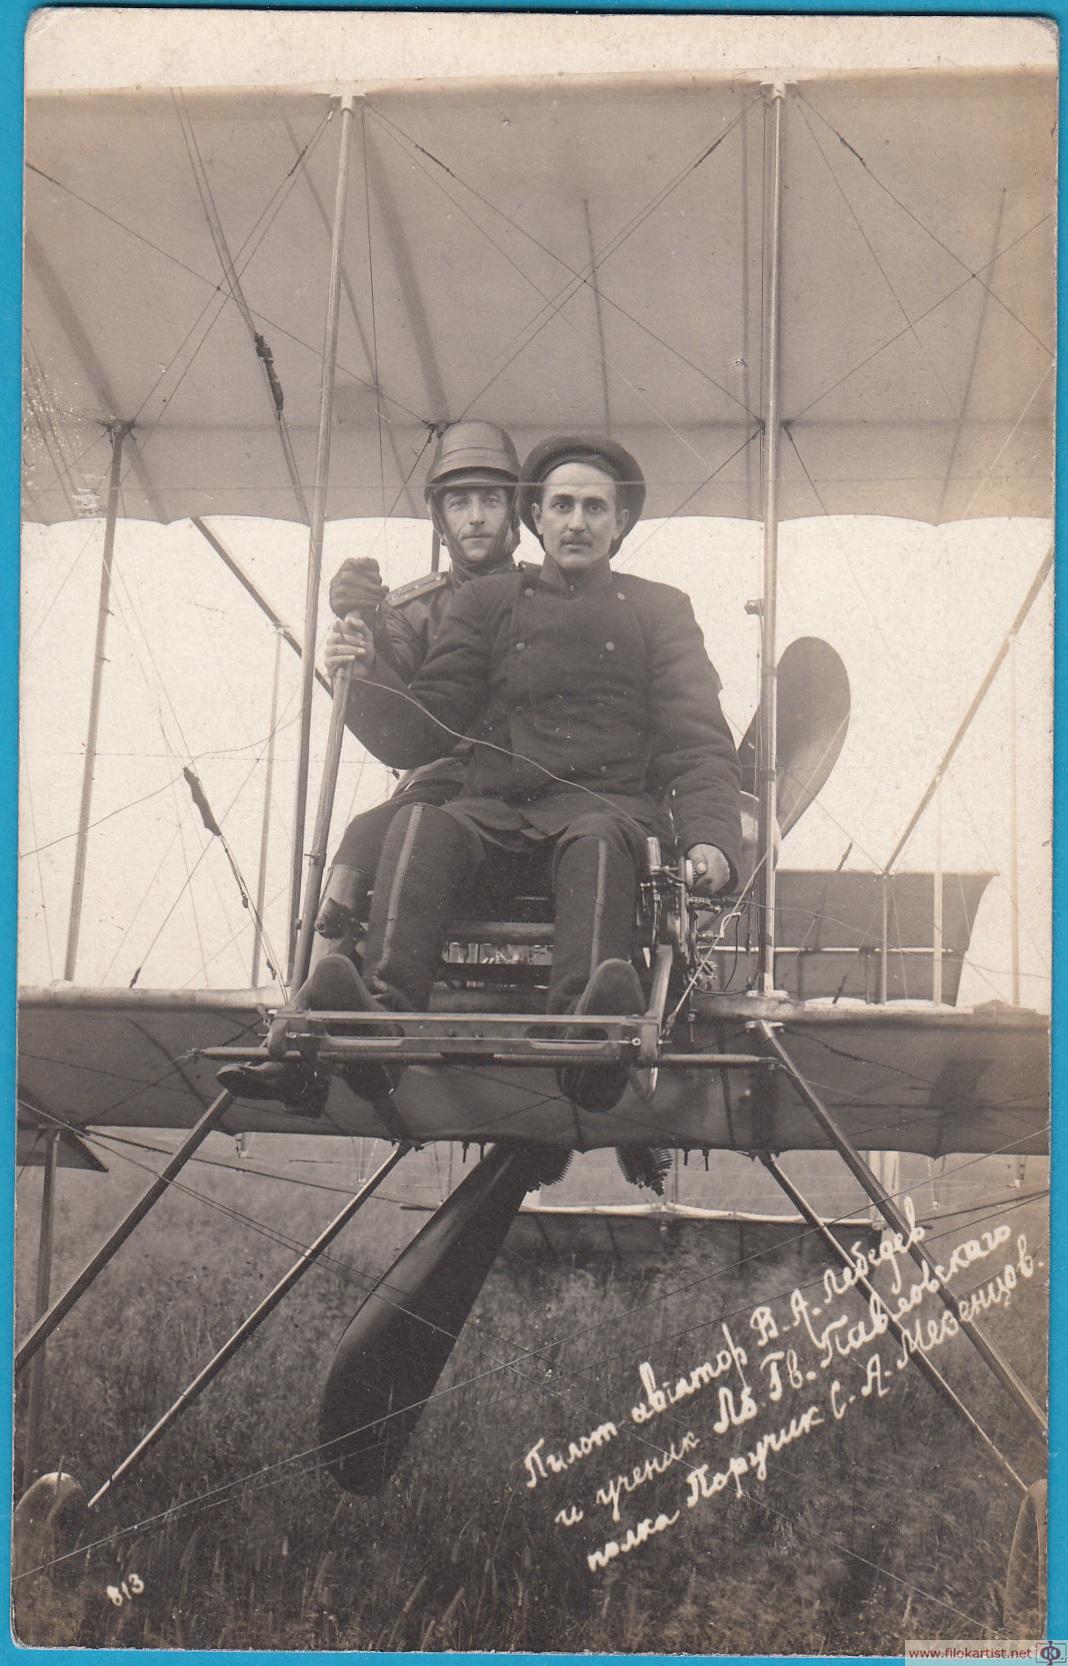 Пилот авиатор В.А.Лебедев и ученик Лб. Гв. Павловского полка поручик С.А.Мезенцев.jpg